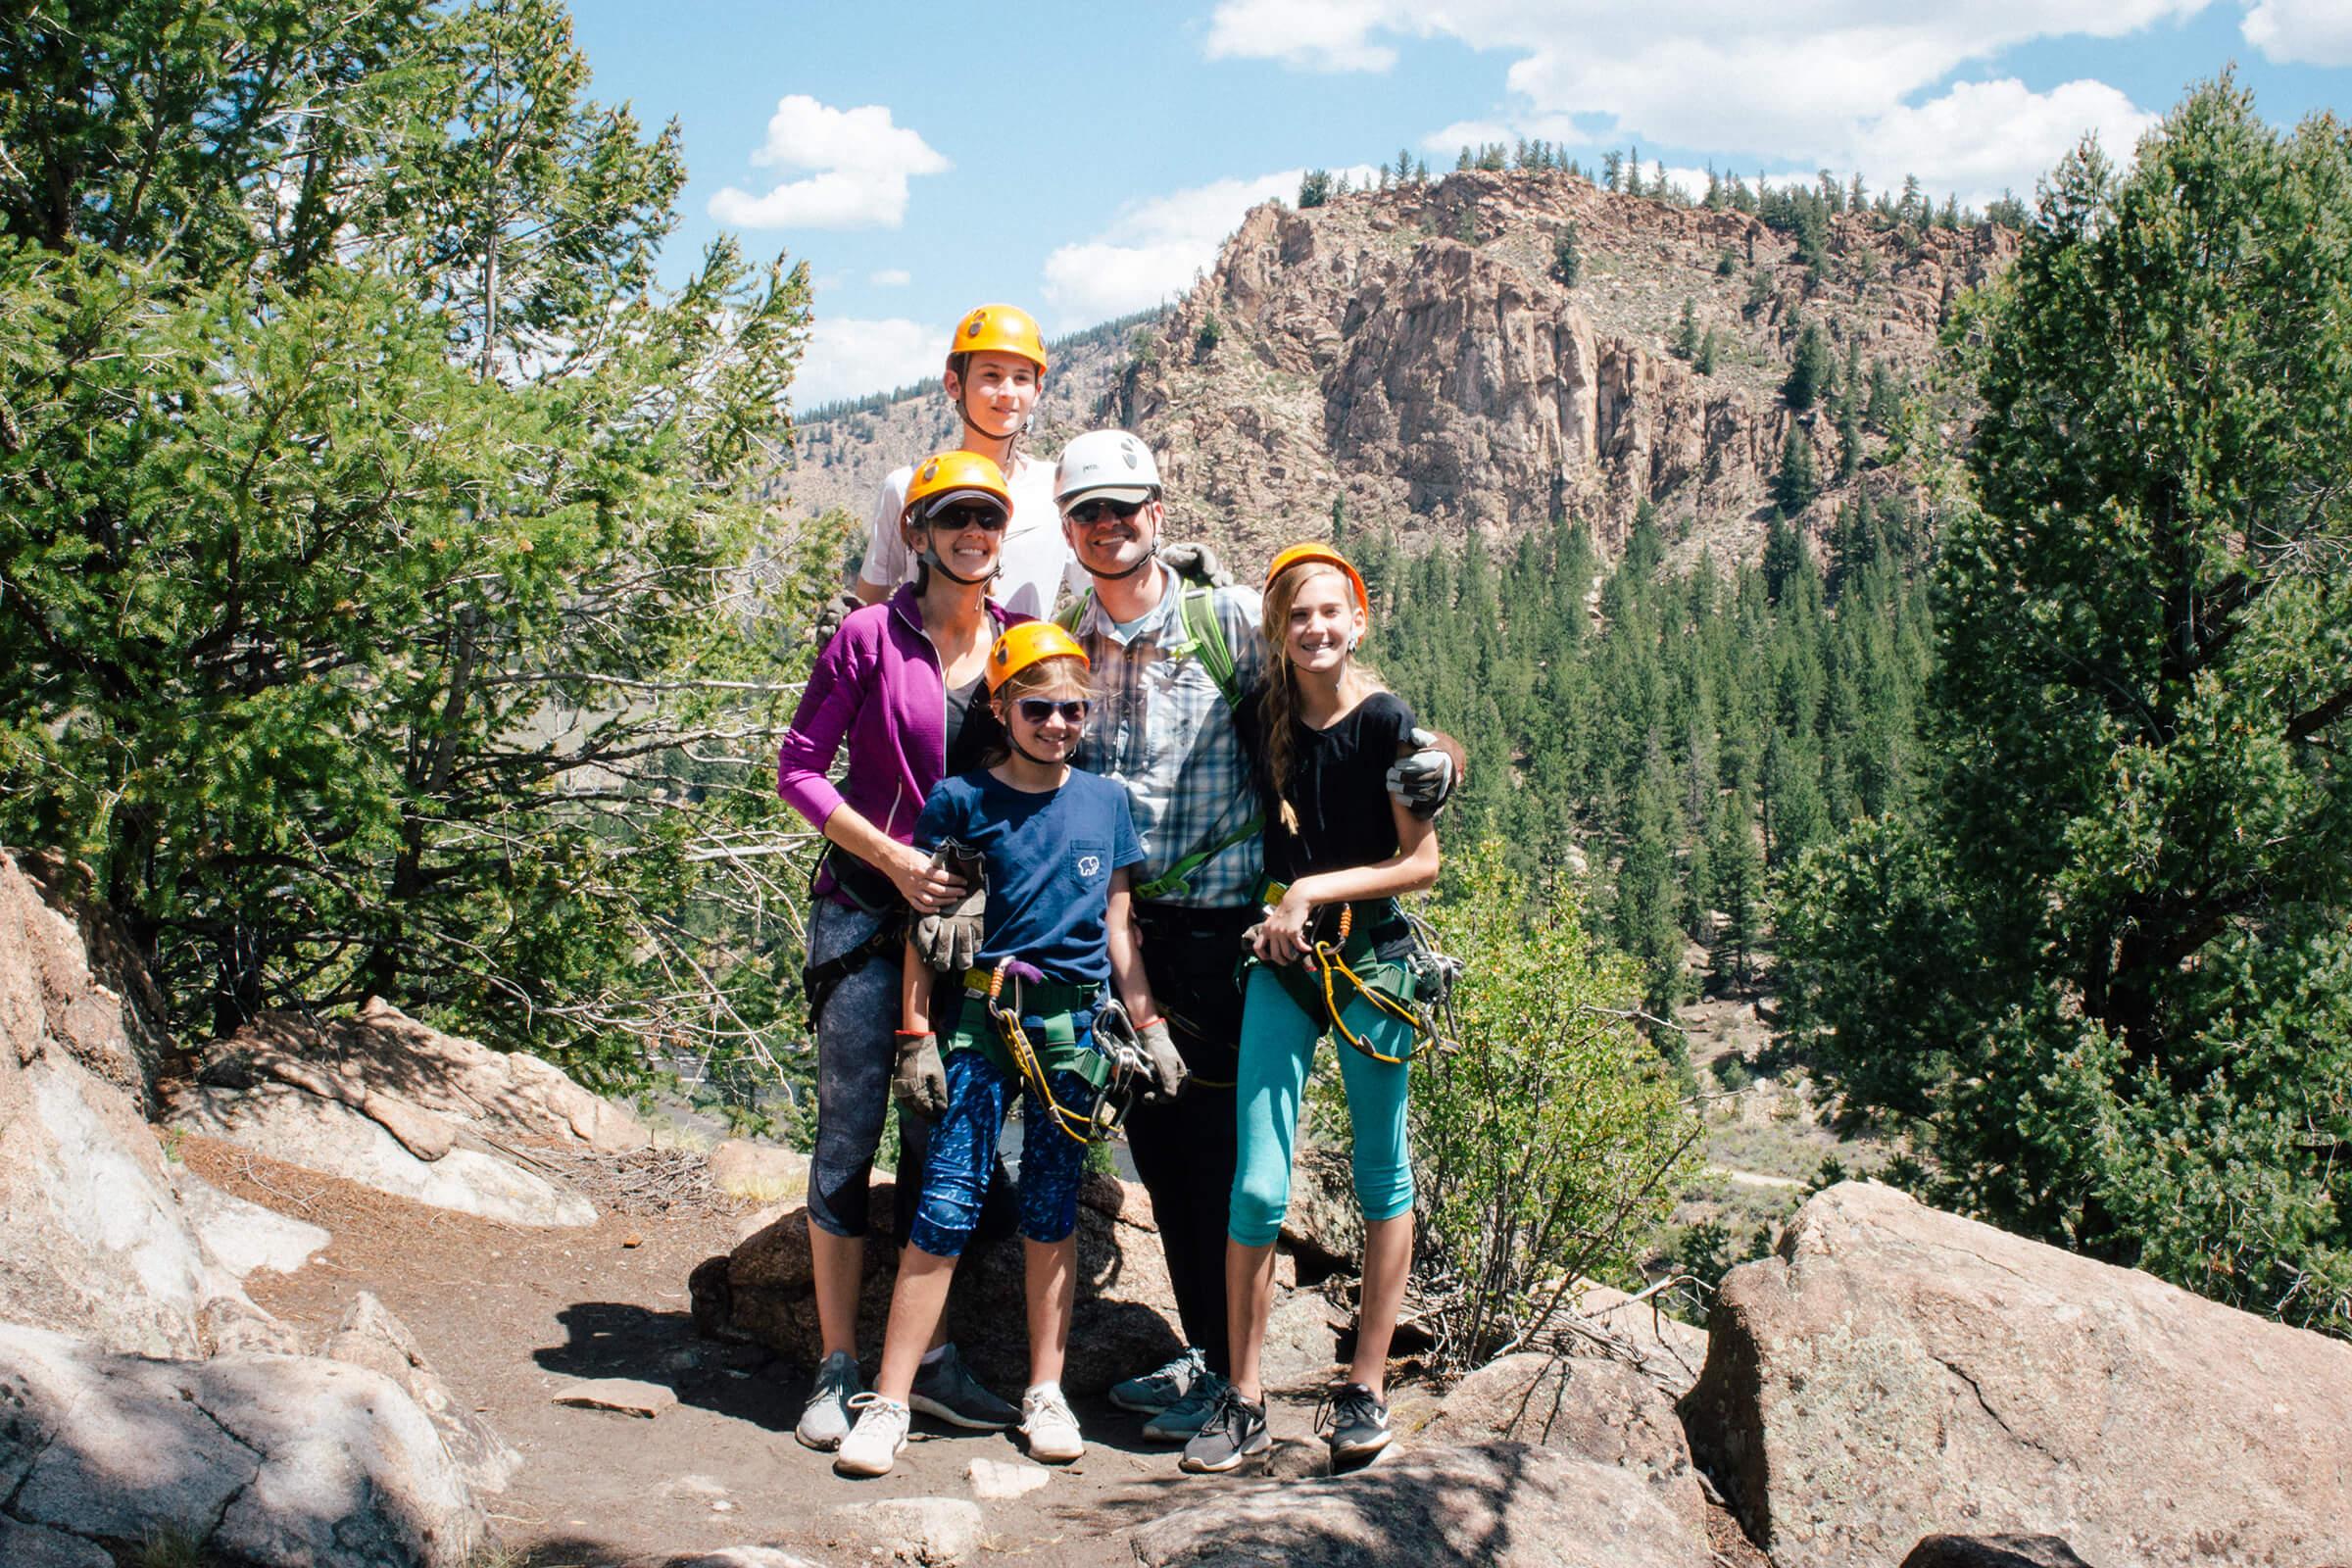 Family Zipline in Colorado